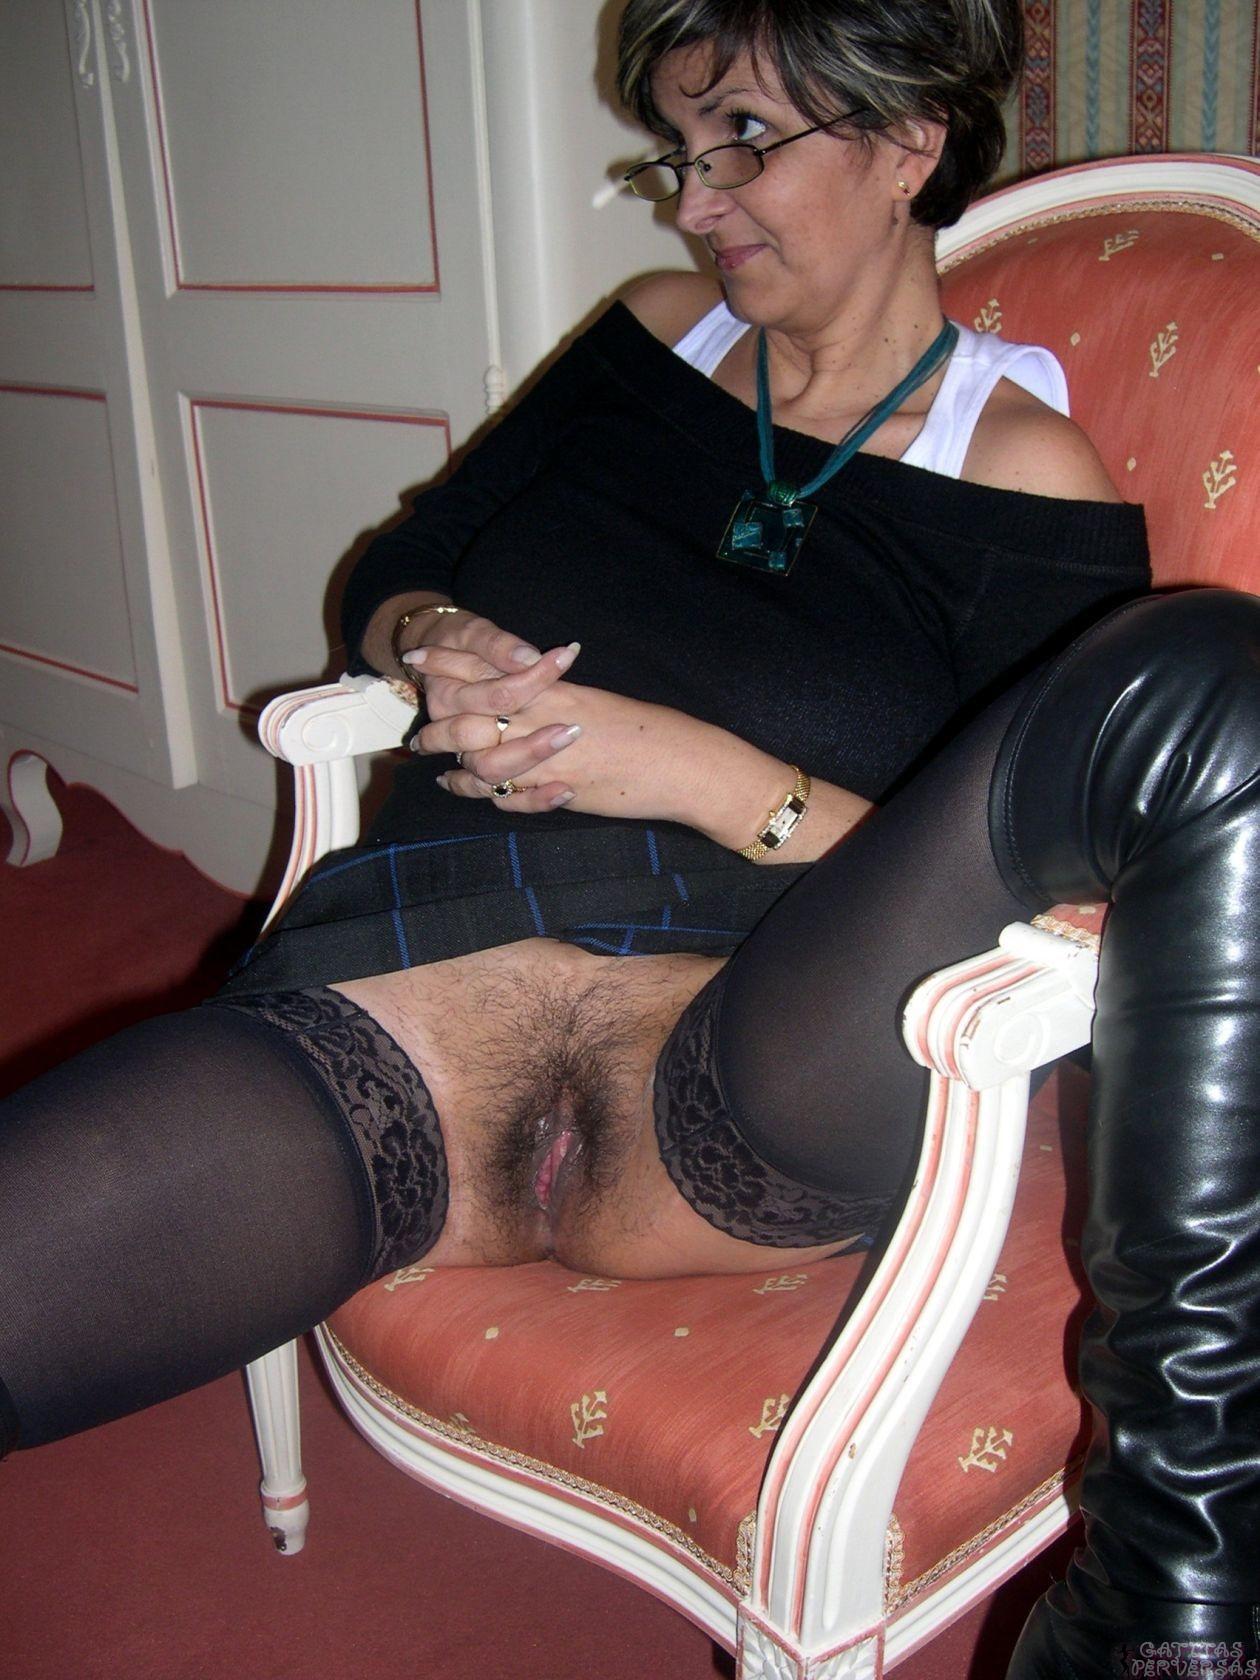 Muy Putas Calientes maduras muy putas | fotos porno xxx | chicas desnudas